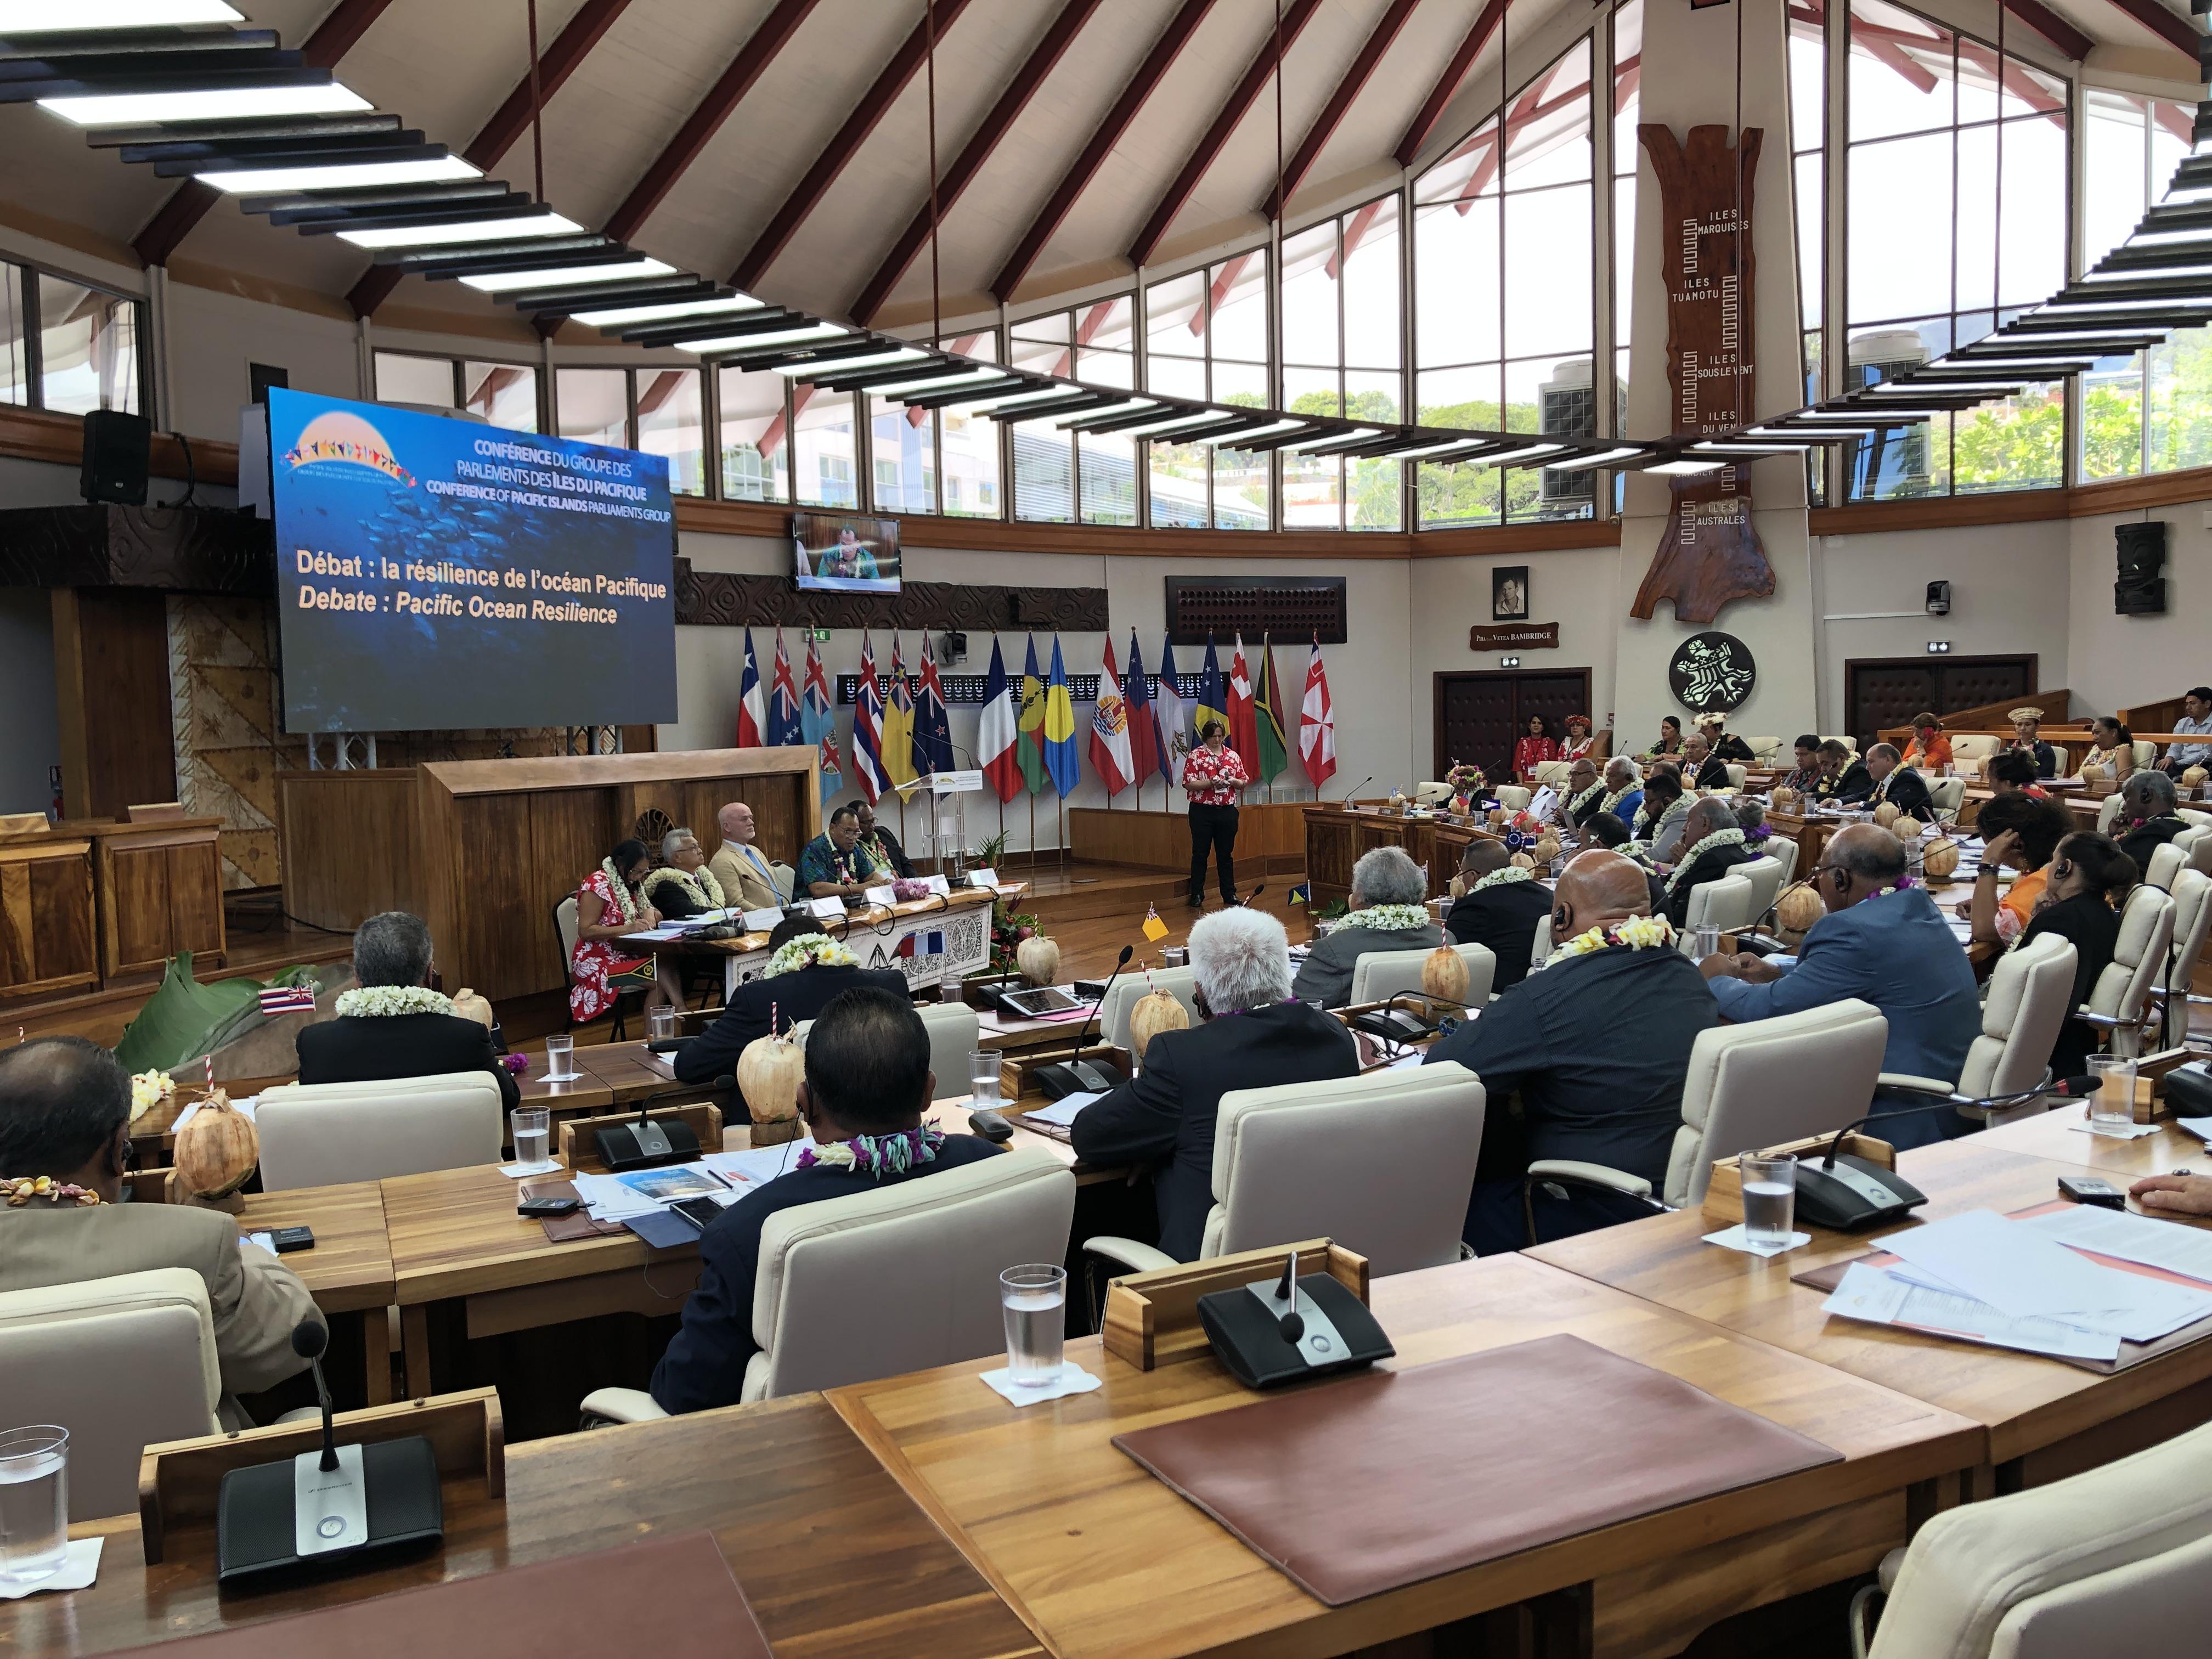 Les représentants de l'assemblée de la Polynésie française ont laissé leur place dans l'hémicycle à des parlementaires originaires de 16 pays du Pacifique.